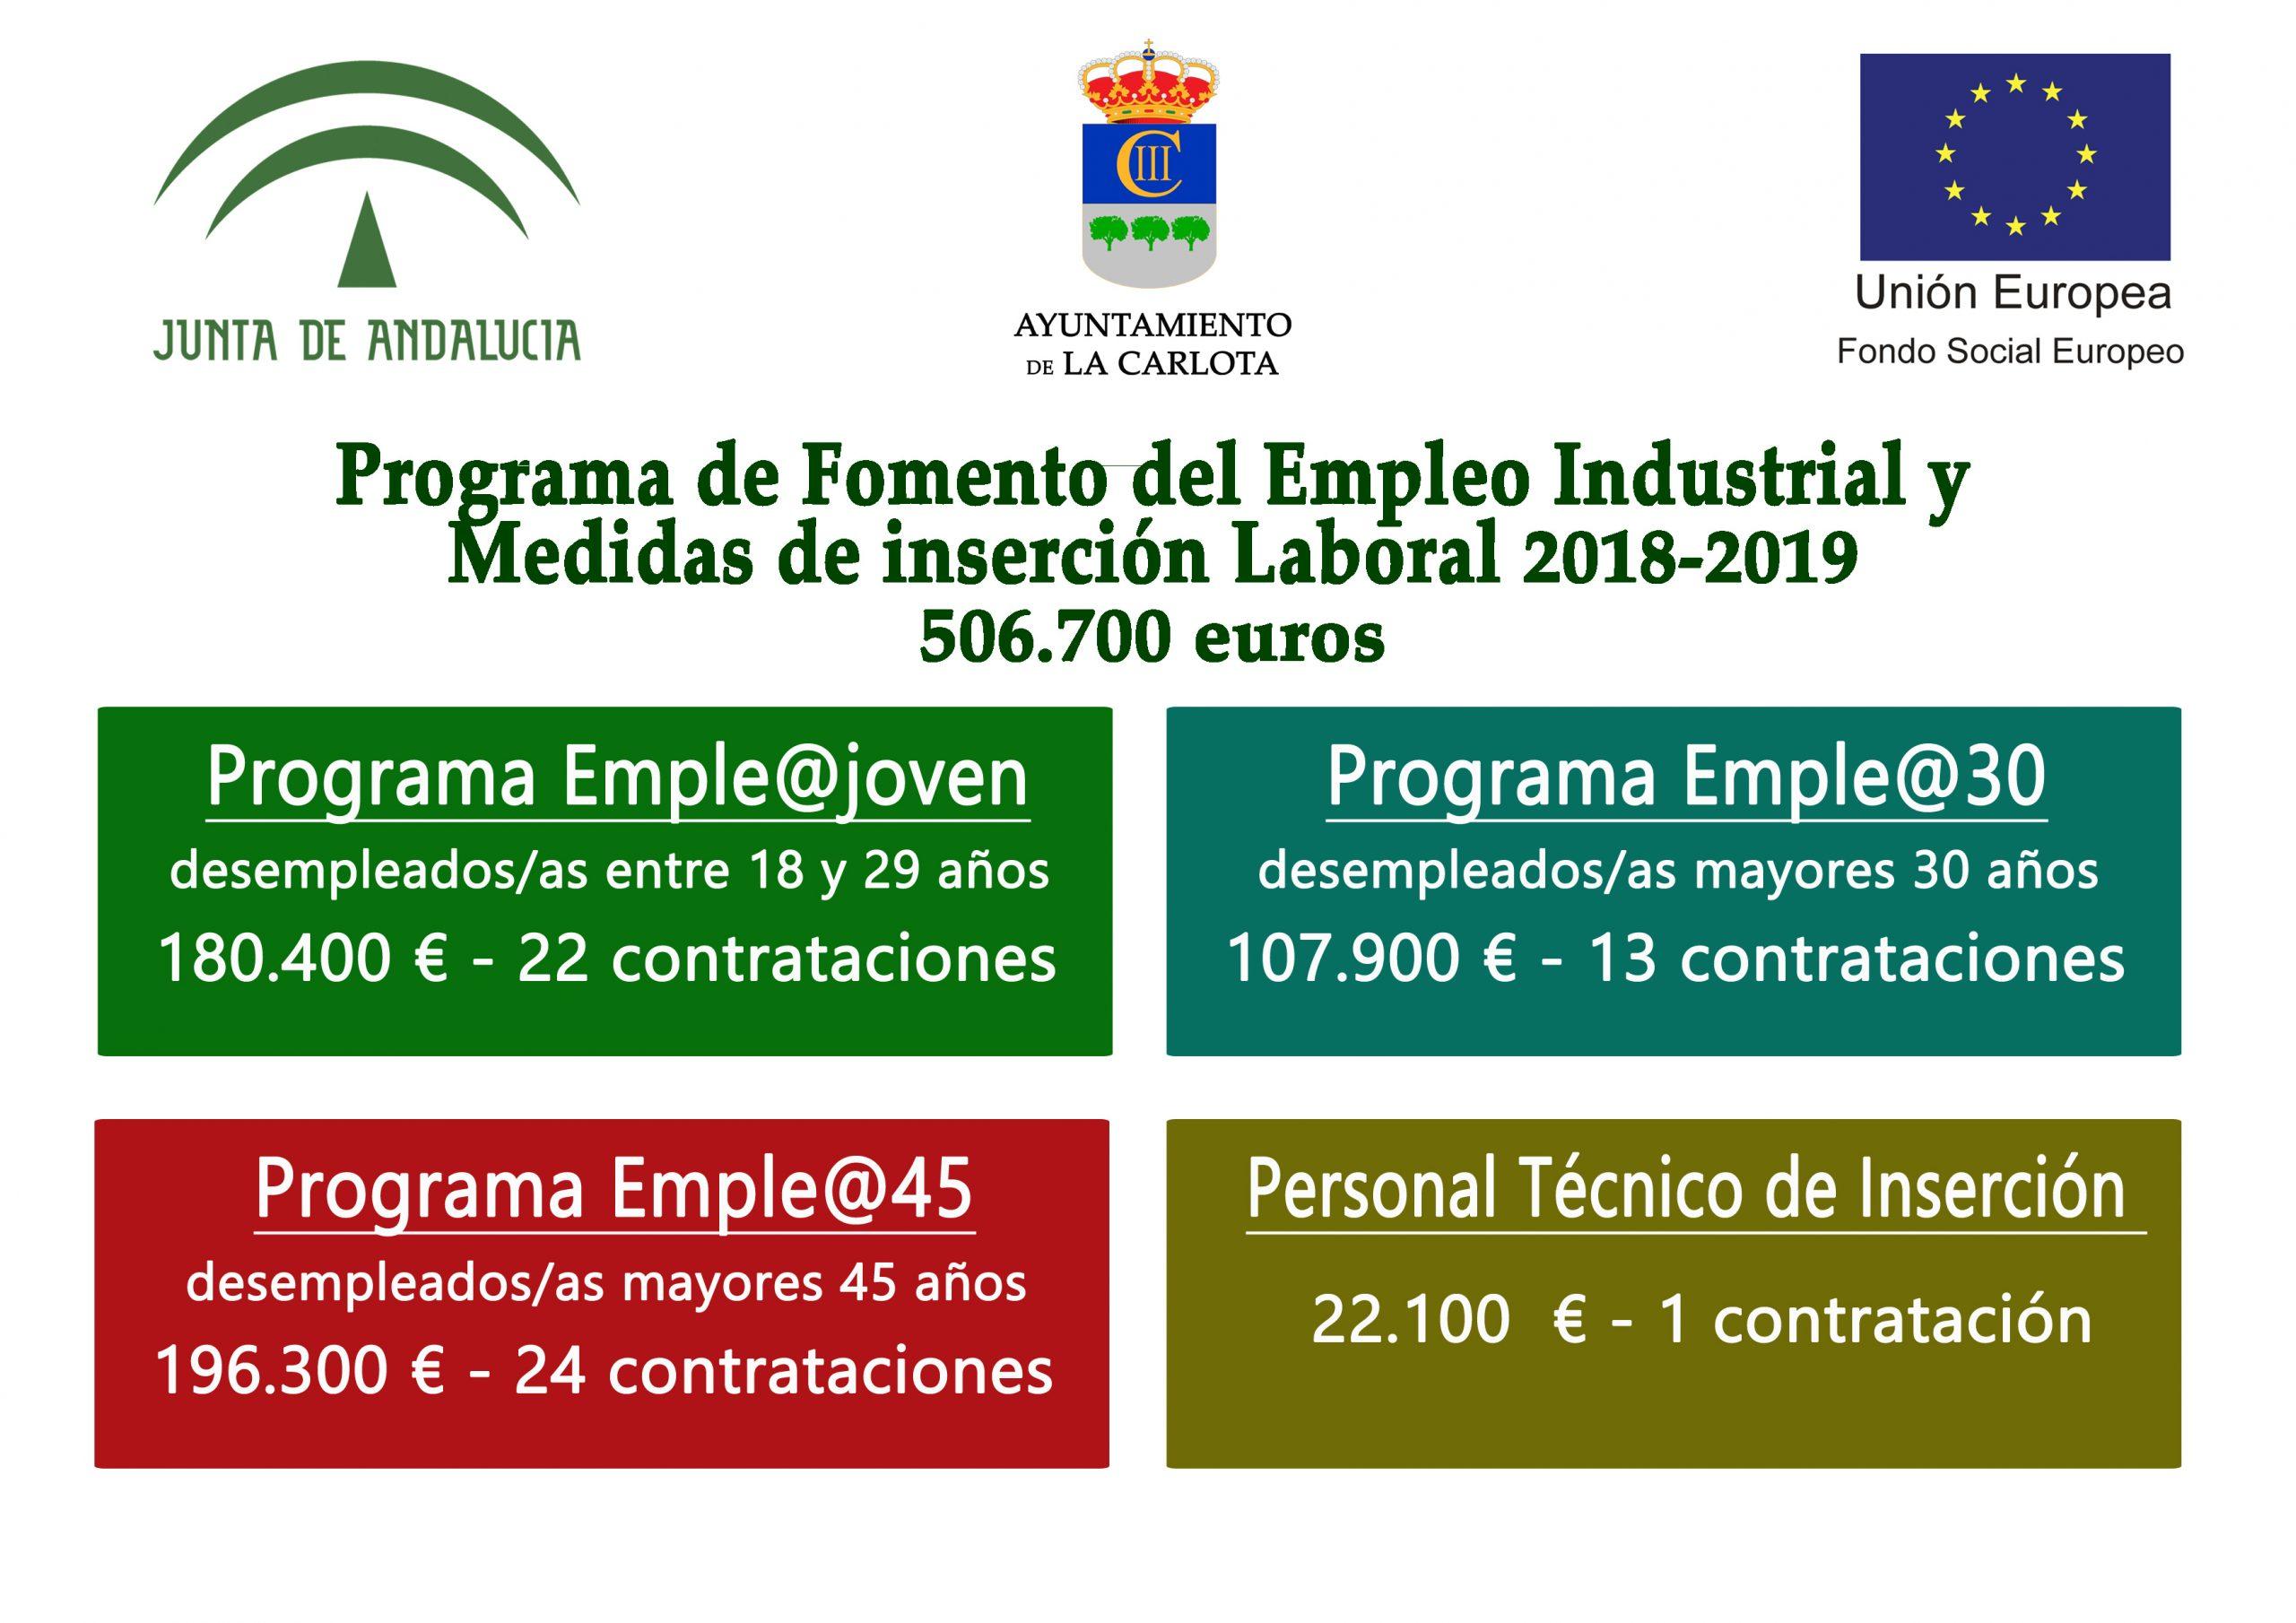 LA CARLOTA RECIBIRÁ  506.700 EUROS A TRAVÉS DE LOS PLANES DE EMPLEO DE LA JUNTA 1